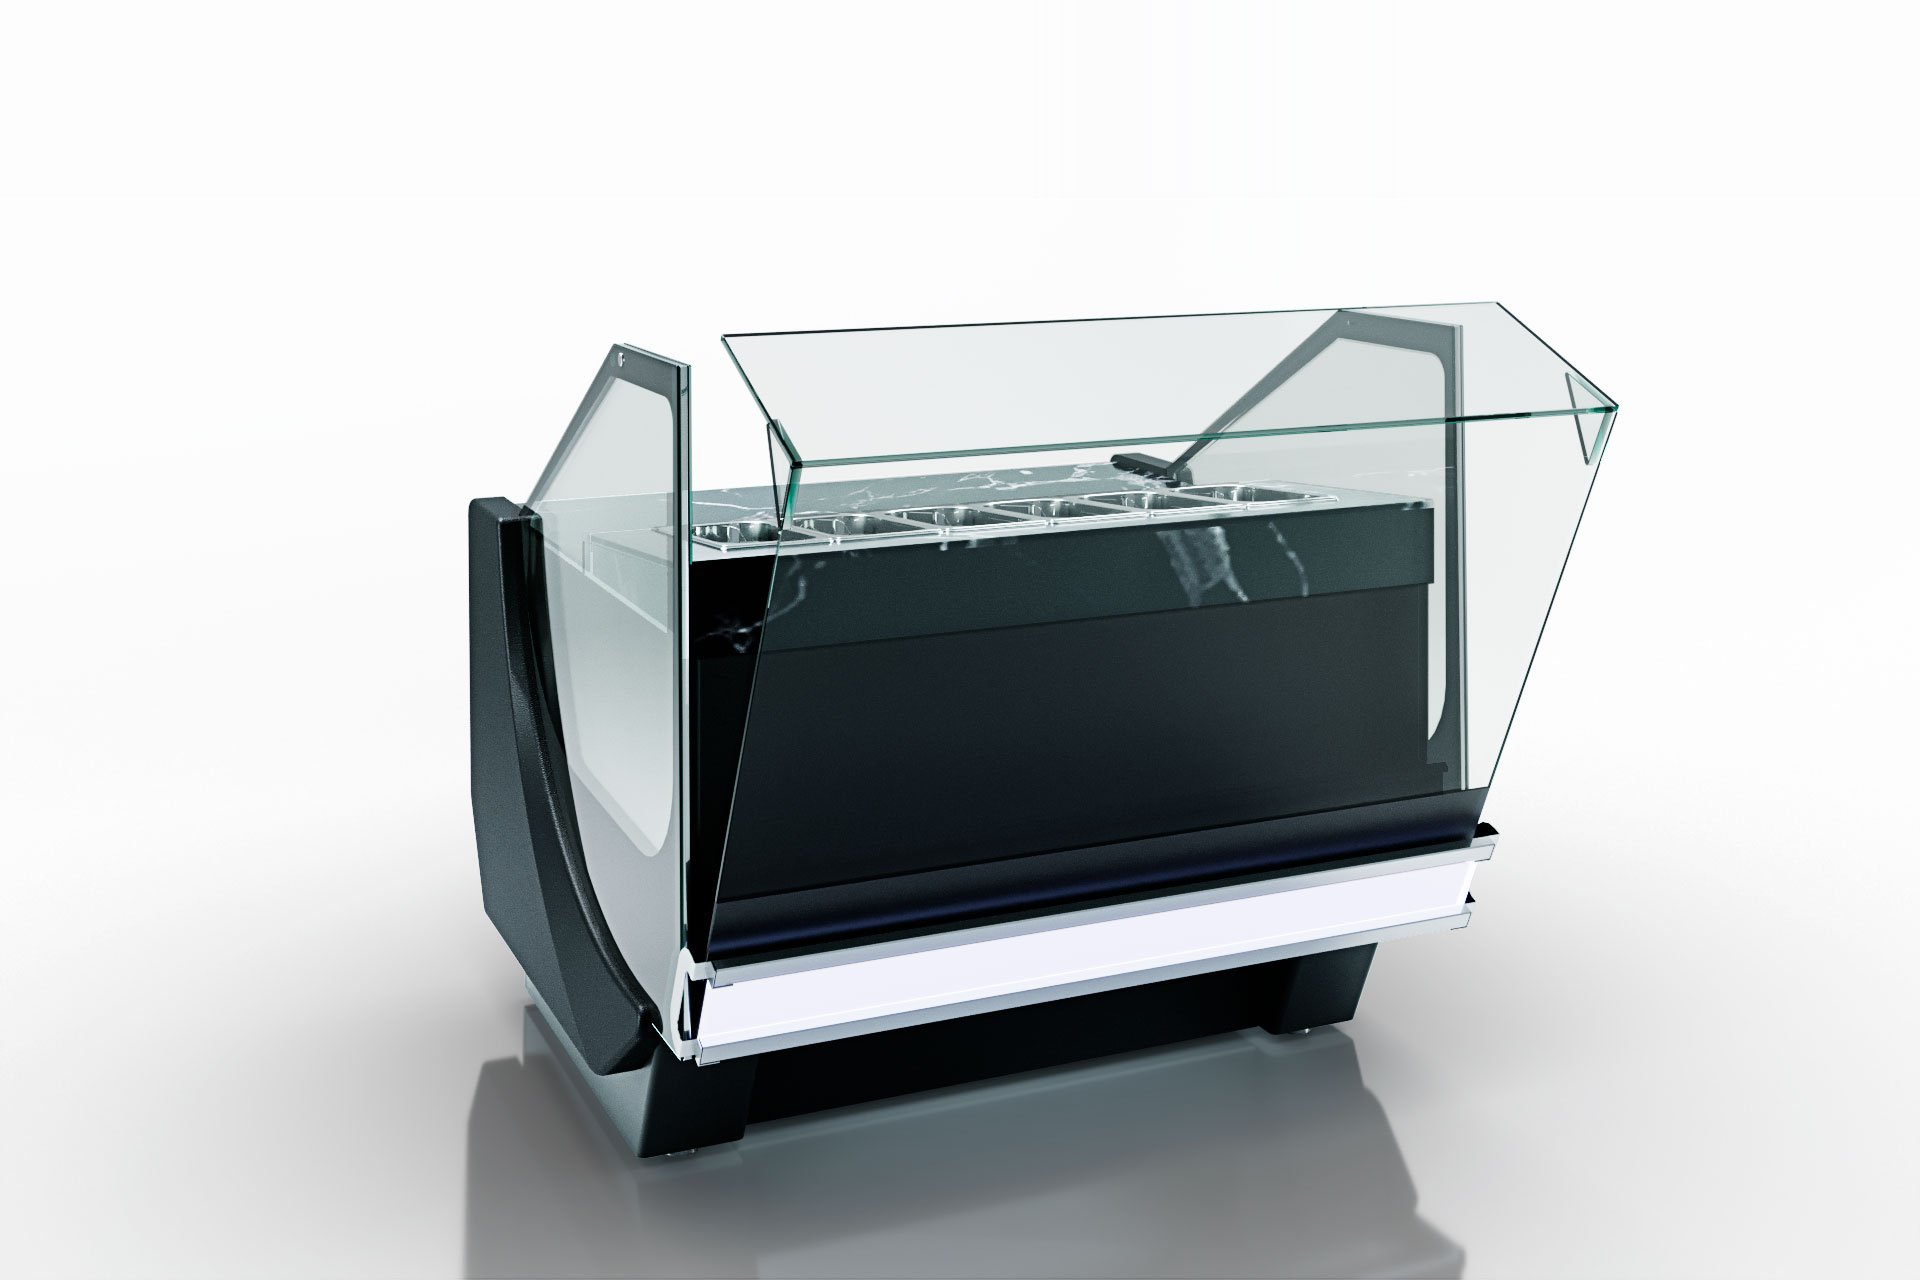 מקרר ויטרינה MISSOURI COLD DIAMOND MC 115 PIZZA PS/OS M/A – NEW